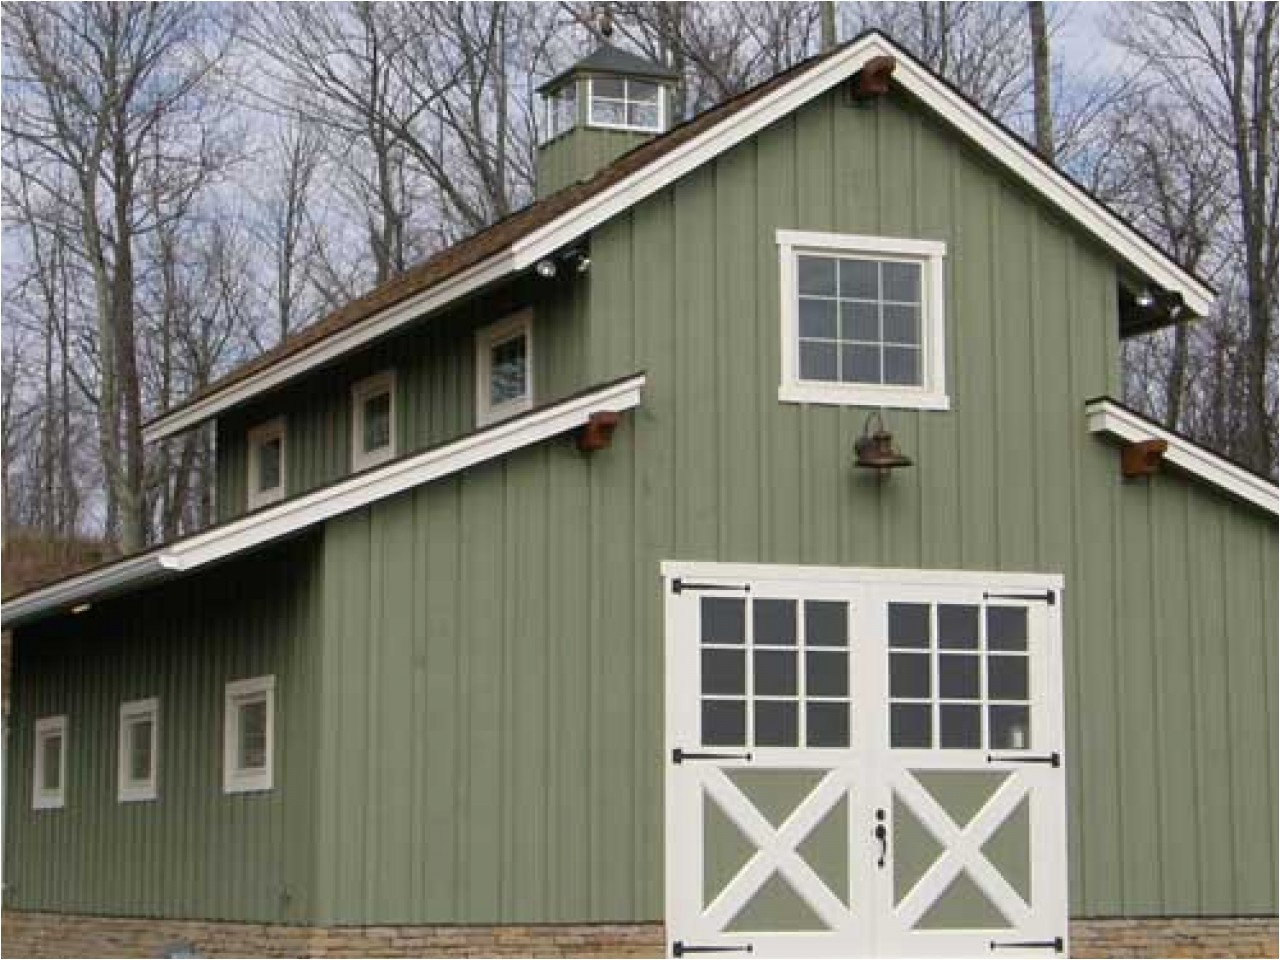 c2eddb0837c08819 3 car garage barn style barn style garage plans